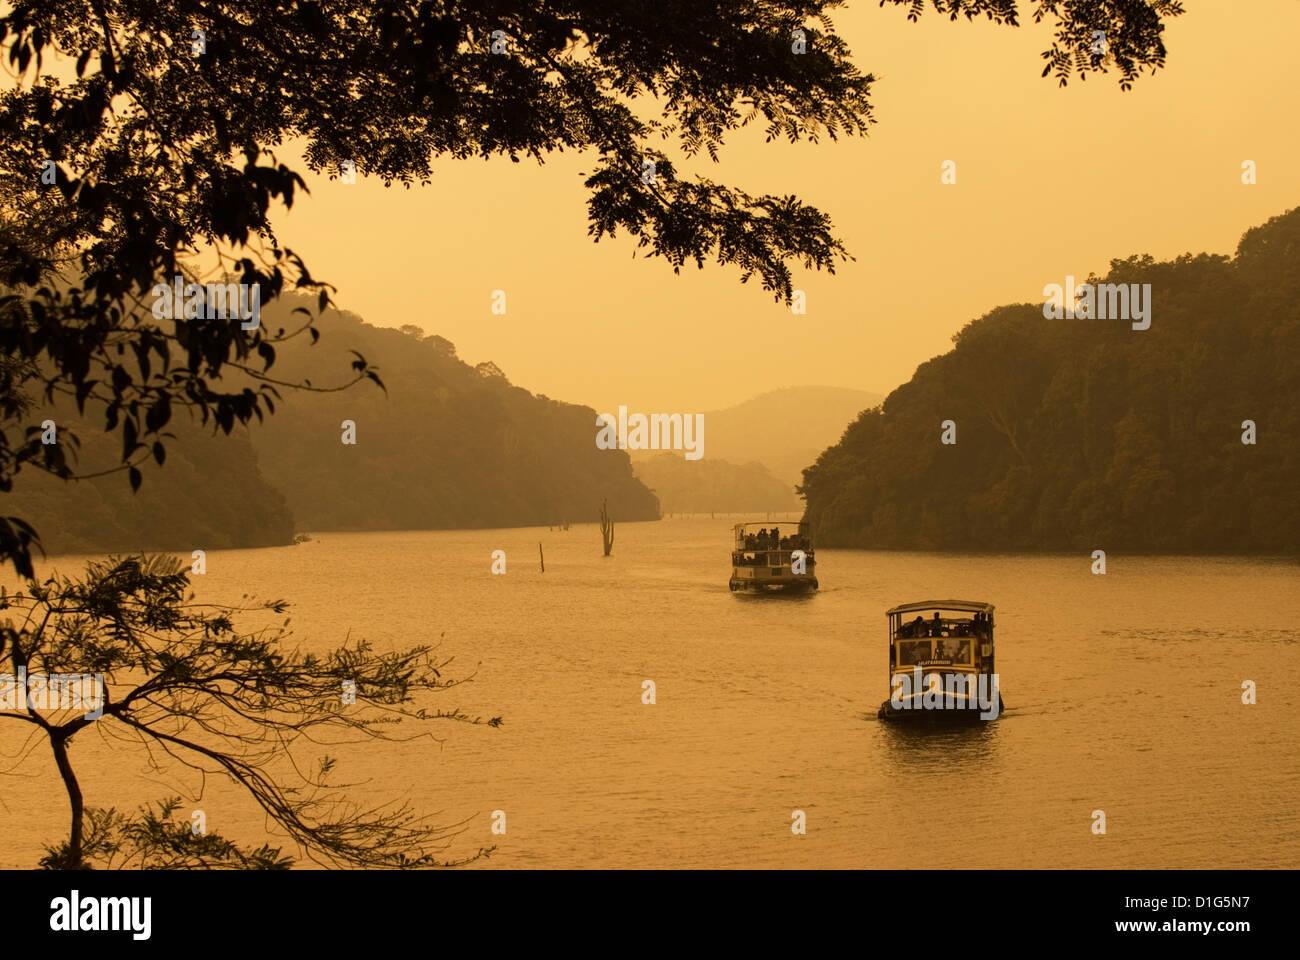 Tour boats cruising on lake, Lake Periyar, Kerala, India, Asia - Stock Image